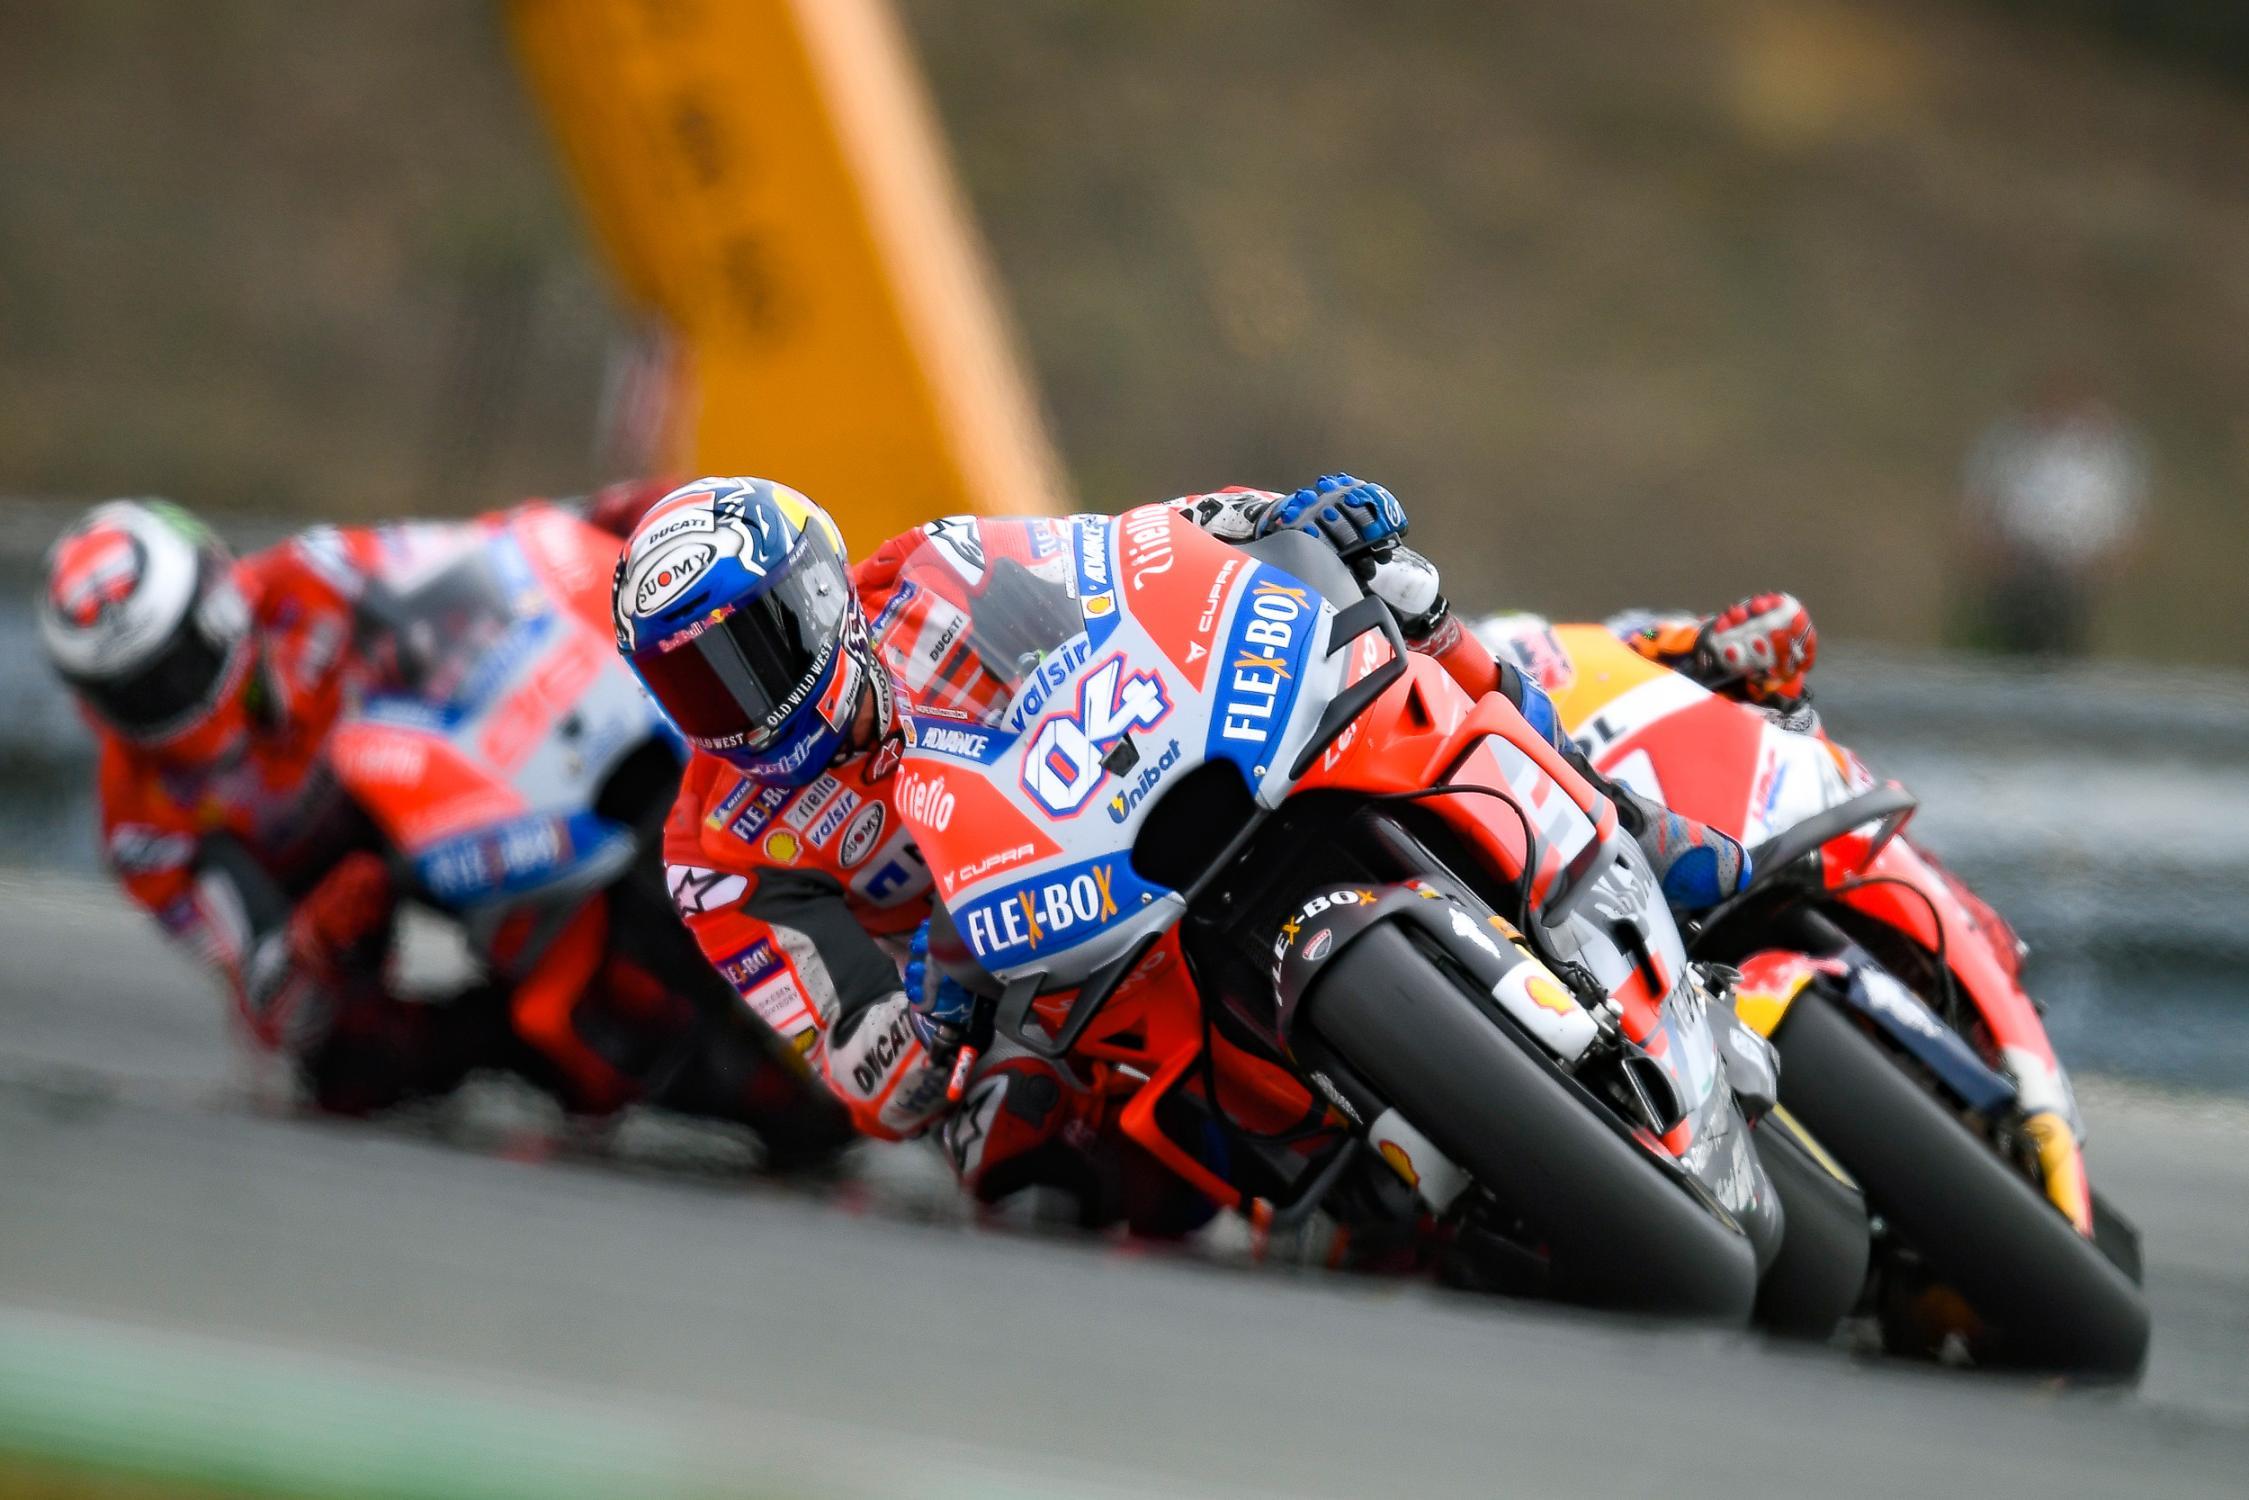 [GP] Brno 04-andrea-dovizioso-ita_ds52169.gallery_full_top_fullscreen